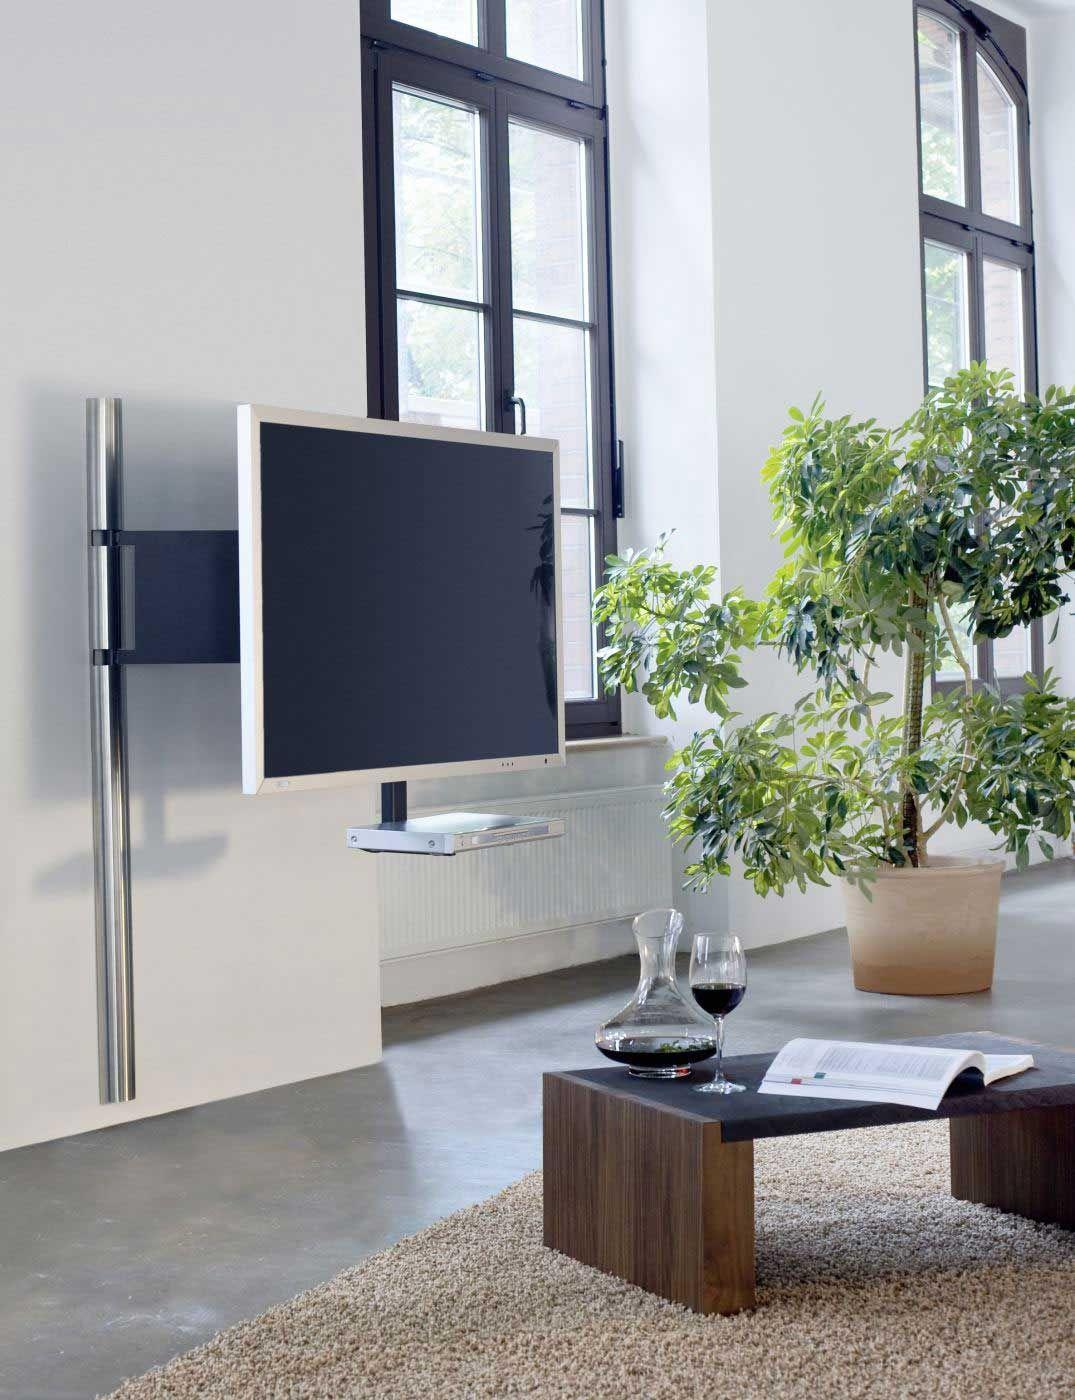 wissmann designer couchtisch light art571 kaufen im borono. Black Bedroom Furniture Sets. Home Design Ideas